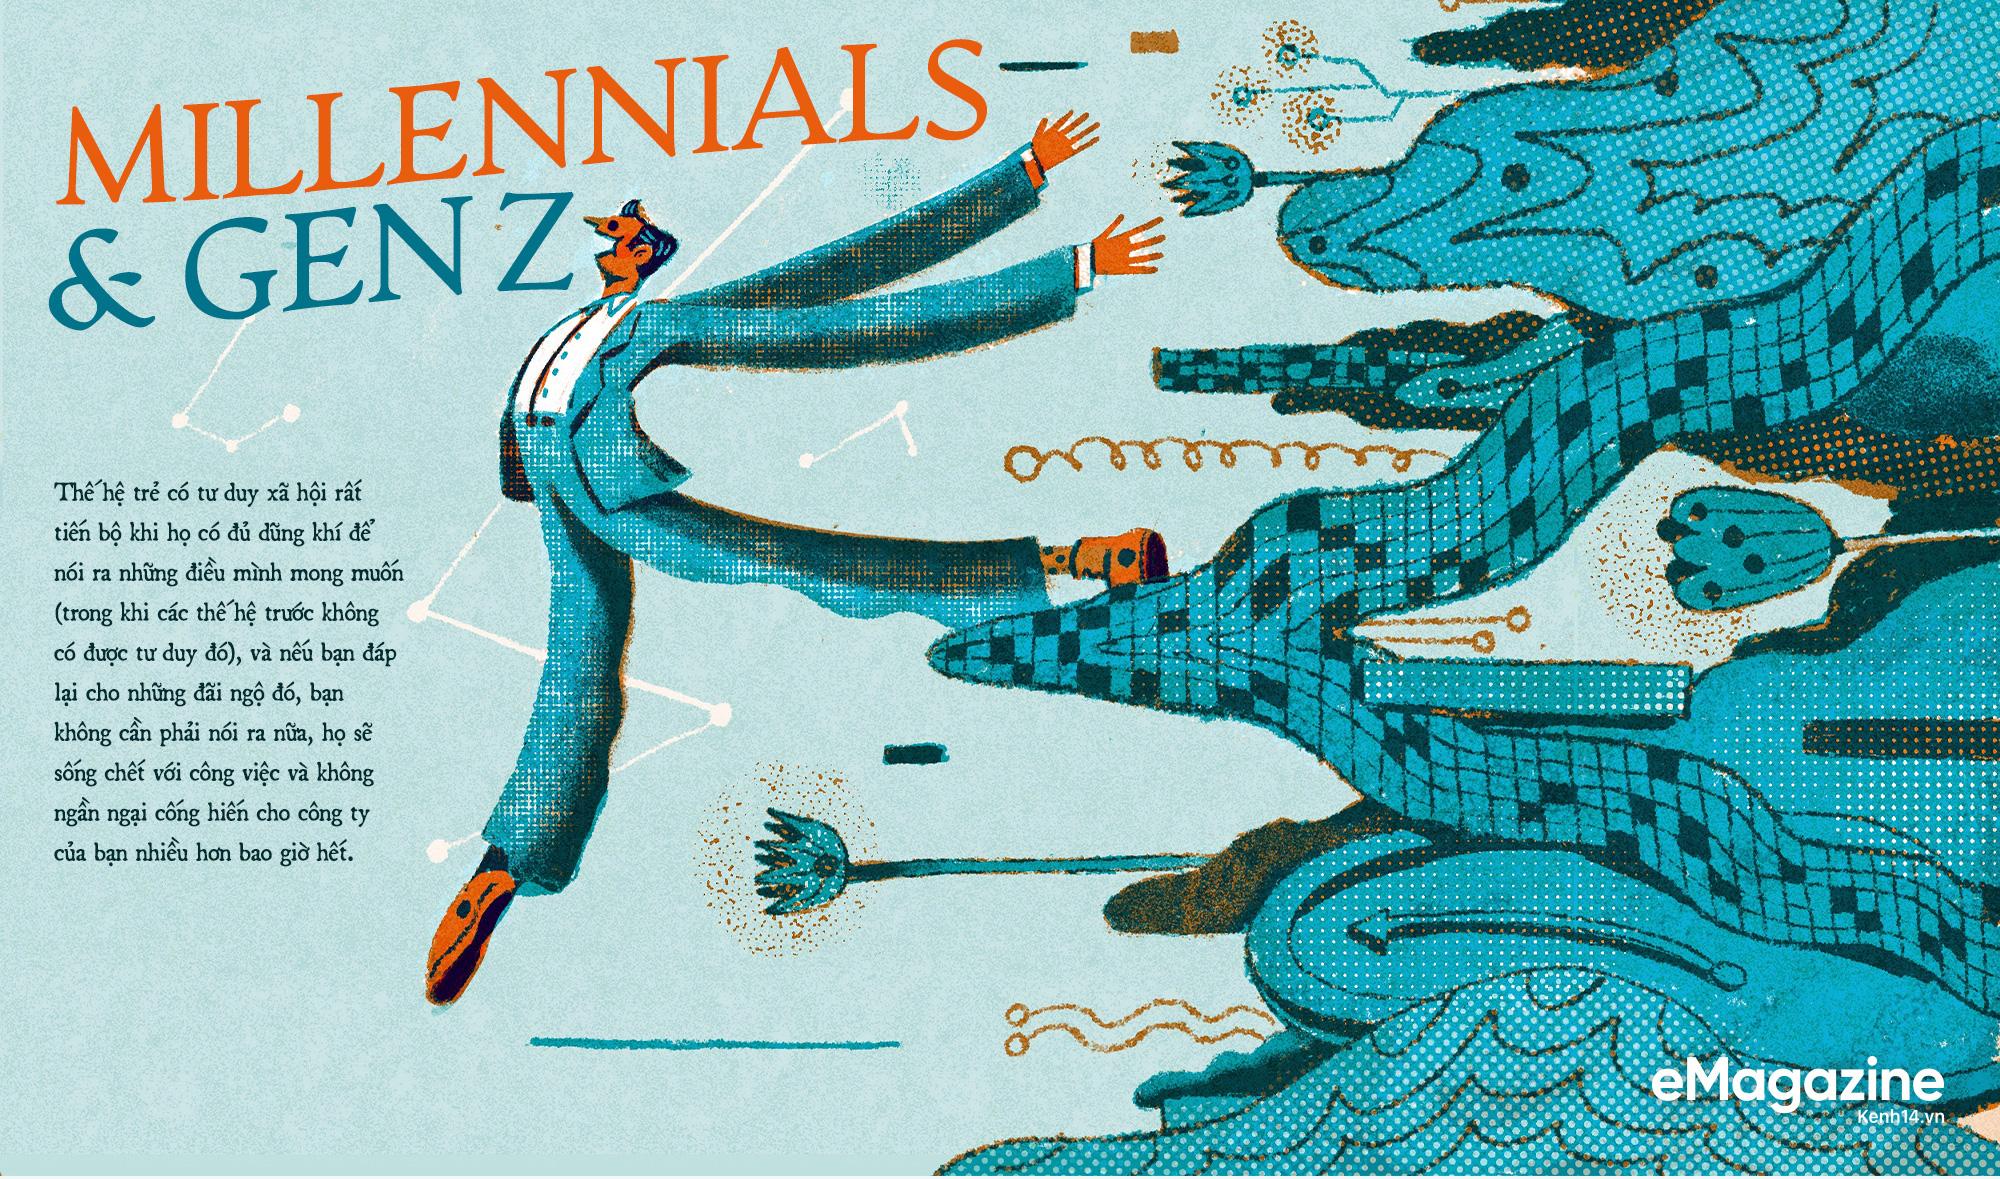 Thời của Millenniums và Gen Z định hình lại công việc lý tưởng: Cân bằng để sống và tận hưởng, chứ không chỉ làm đến kiệt sức - Ảnh 10.